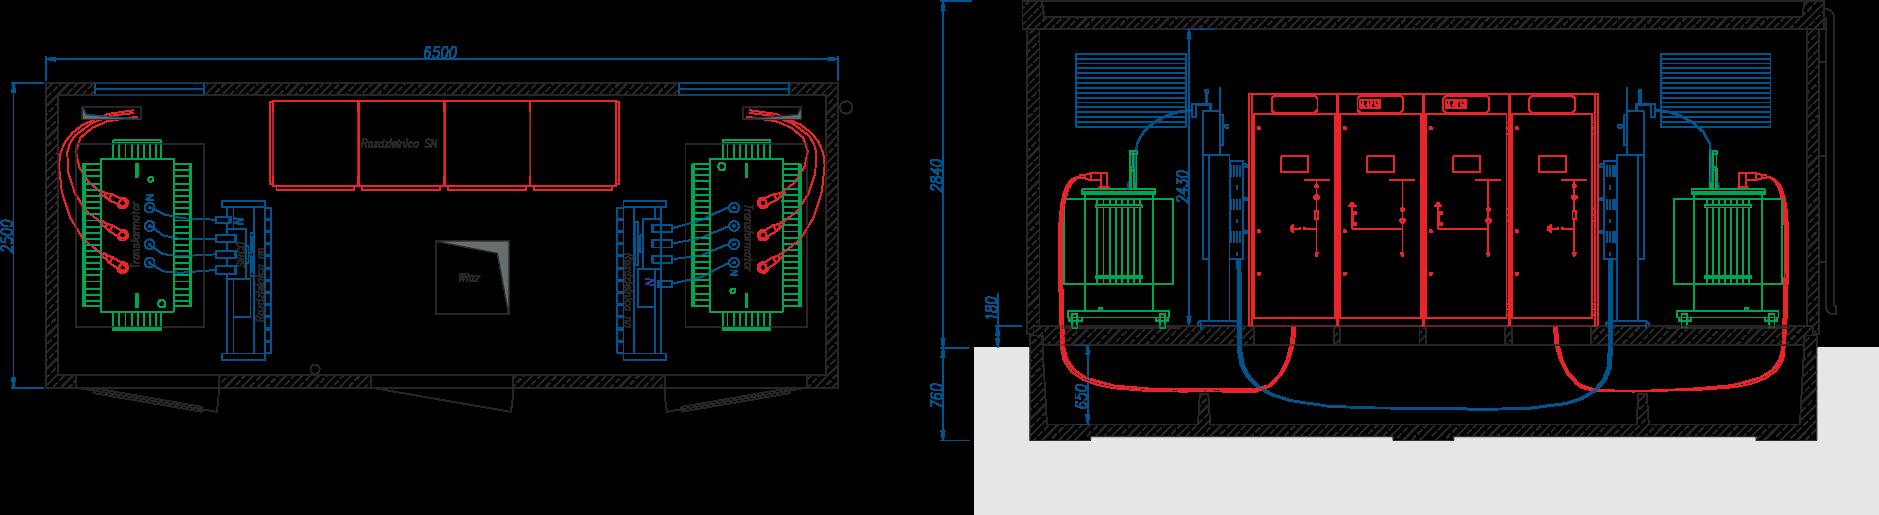 Rzut stacji transformatorowej typu BEK 250/650